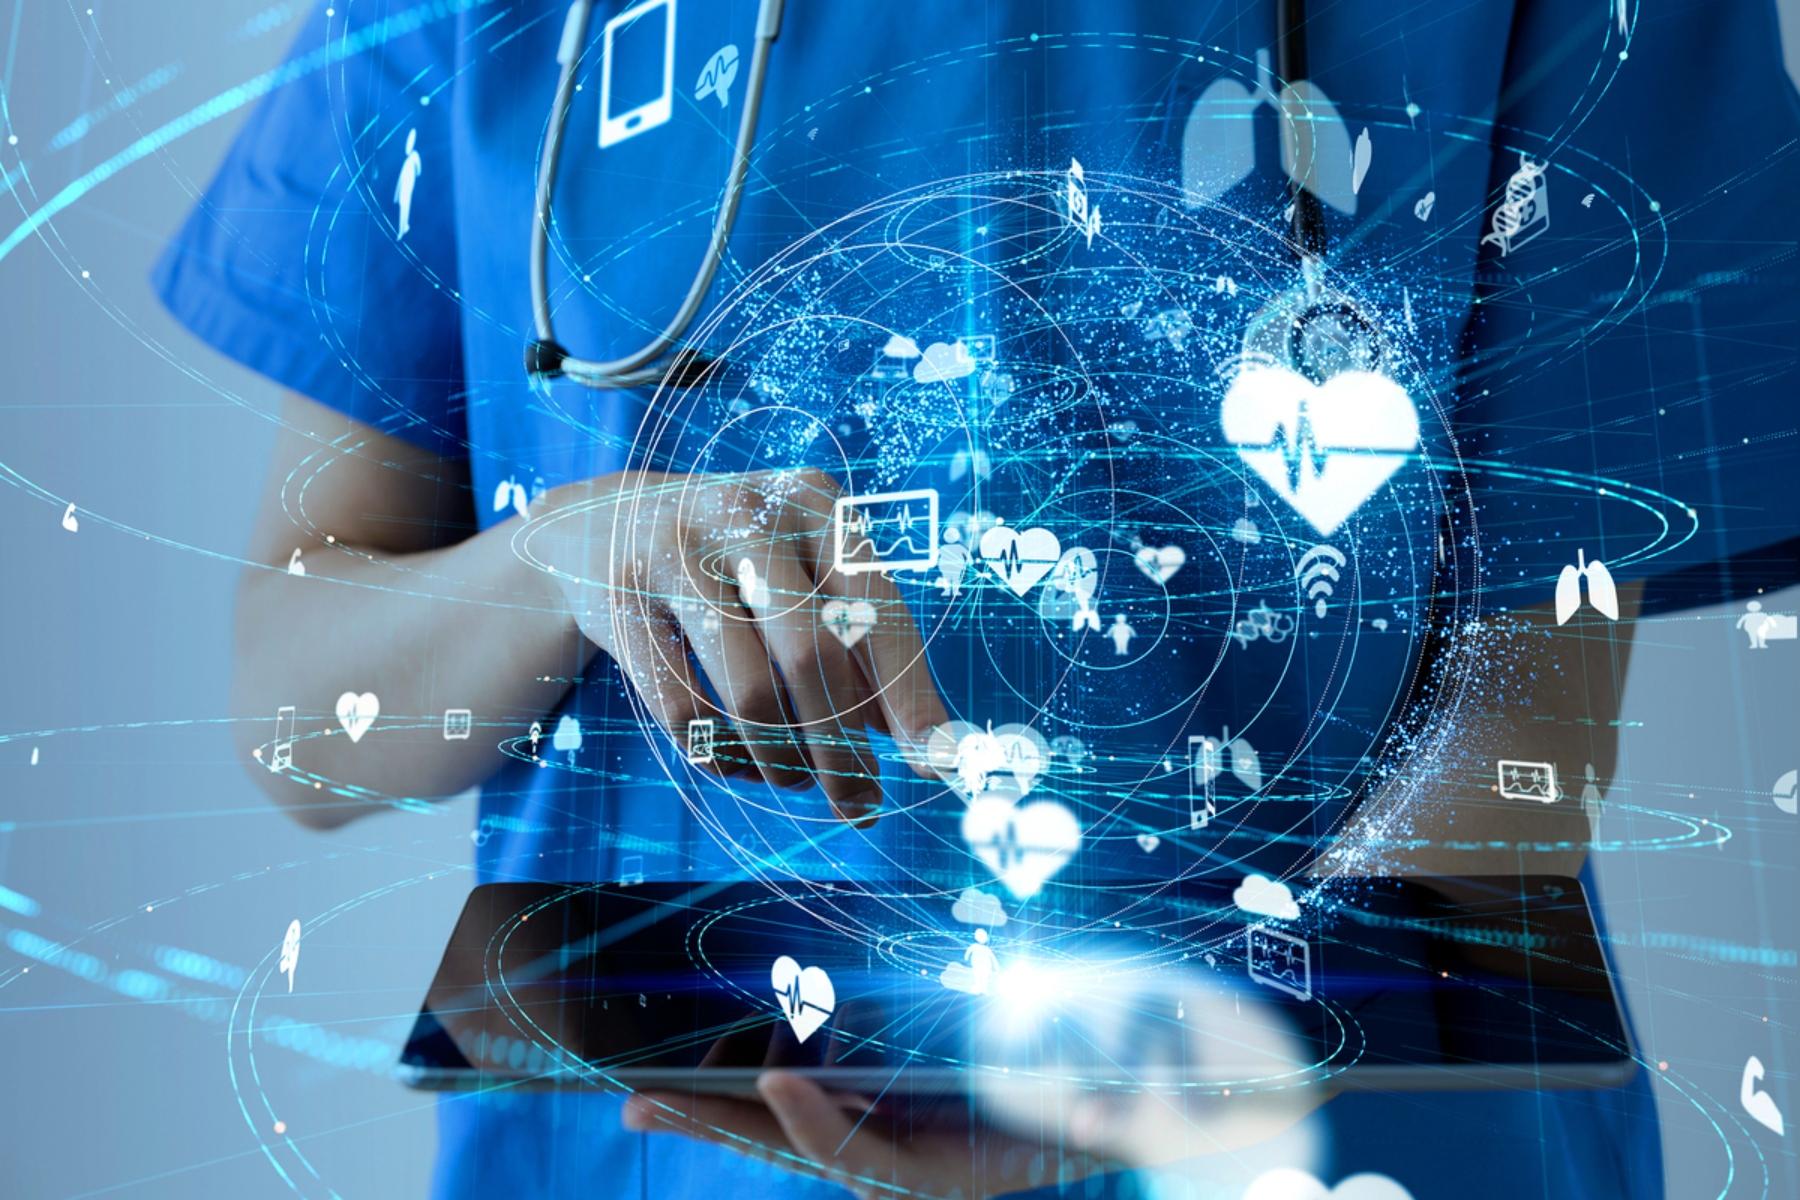 Ψηφιακή υγεία: Η αγορά της ηλεκτρονικής υγείας θα εκτοξευθεί ραγδαία μέχρι το 2030